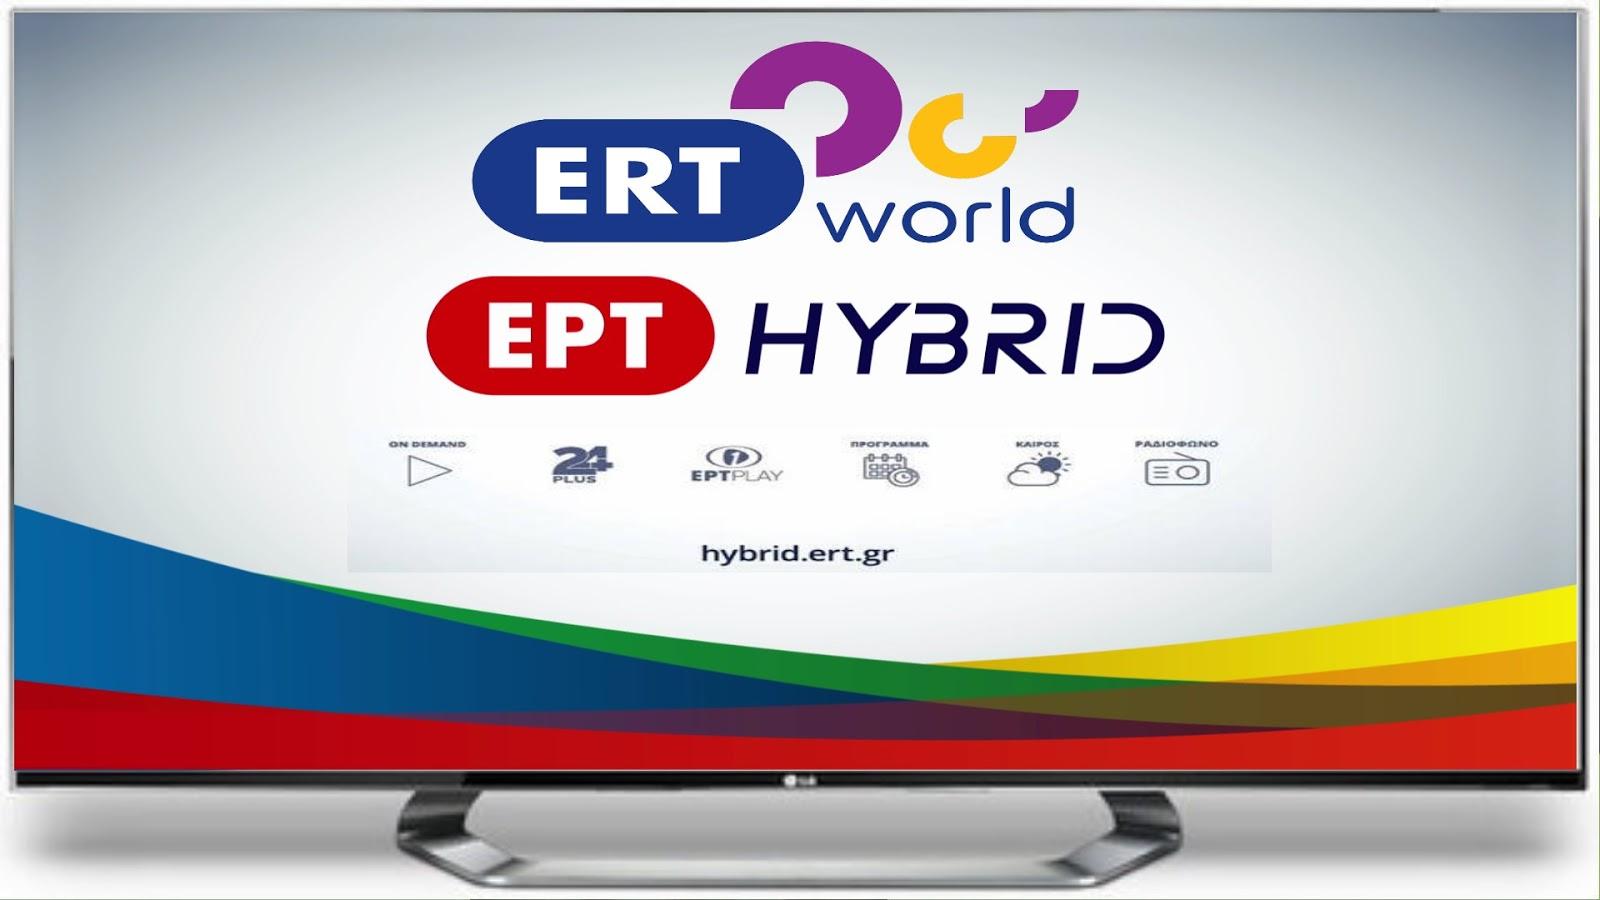 24 ταινίες δωρεάν κάθε στιγμή στην ΕΡΤ: Πως μπορεί να δει κανείς το ERTFLIΧ(vid)